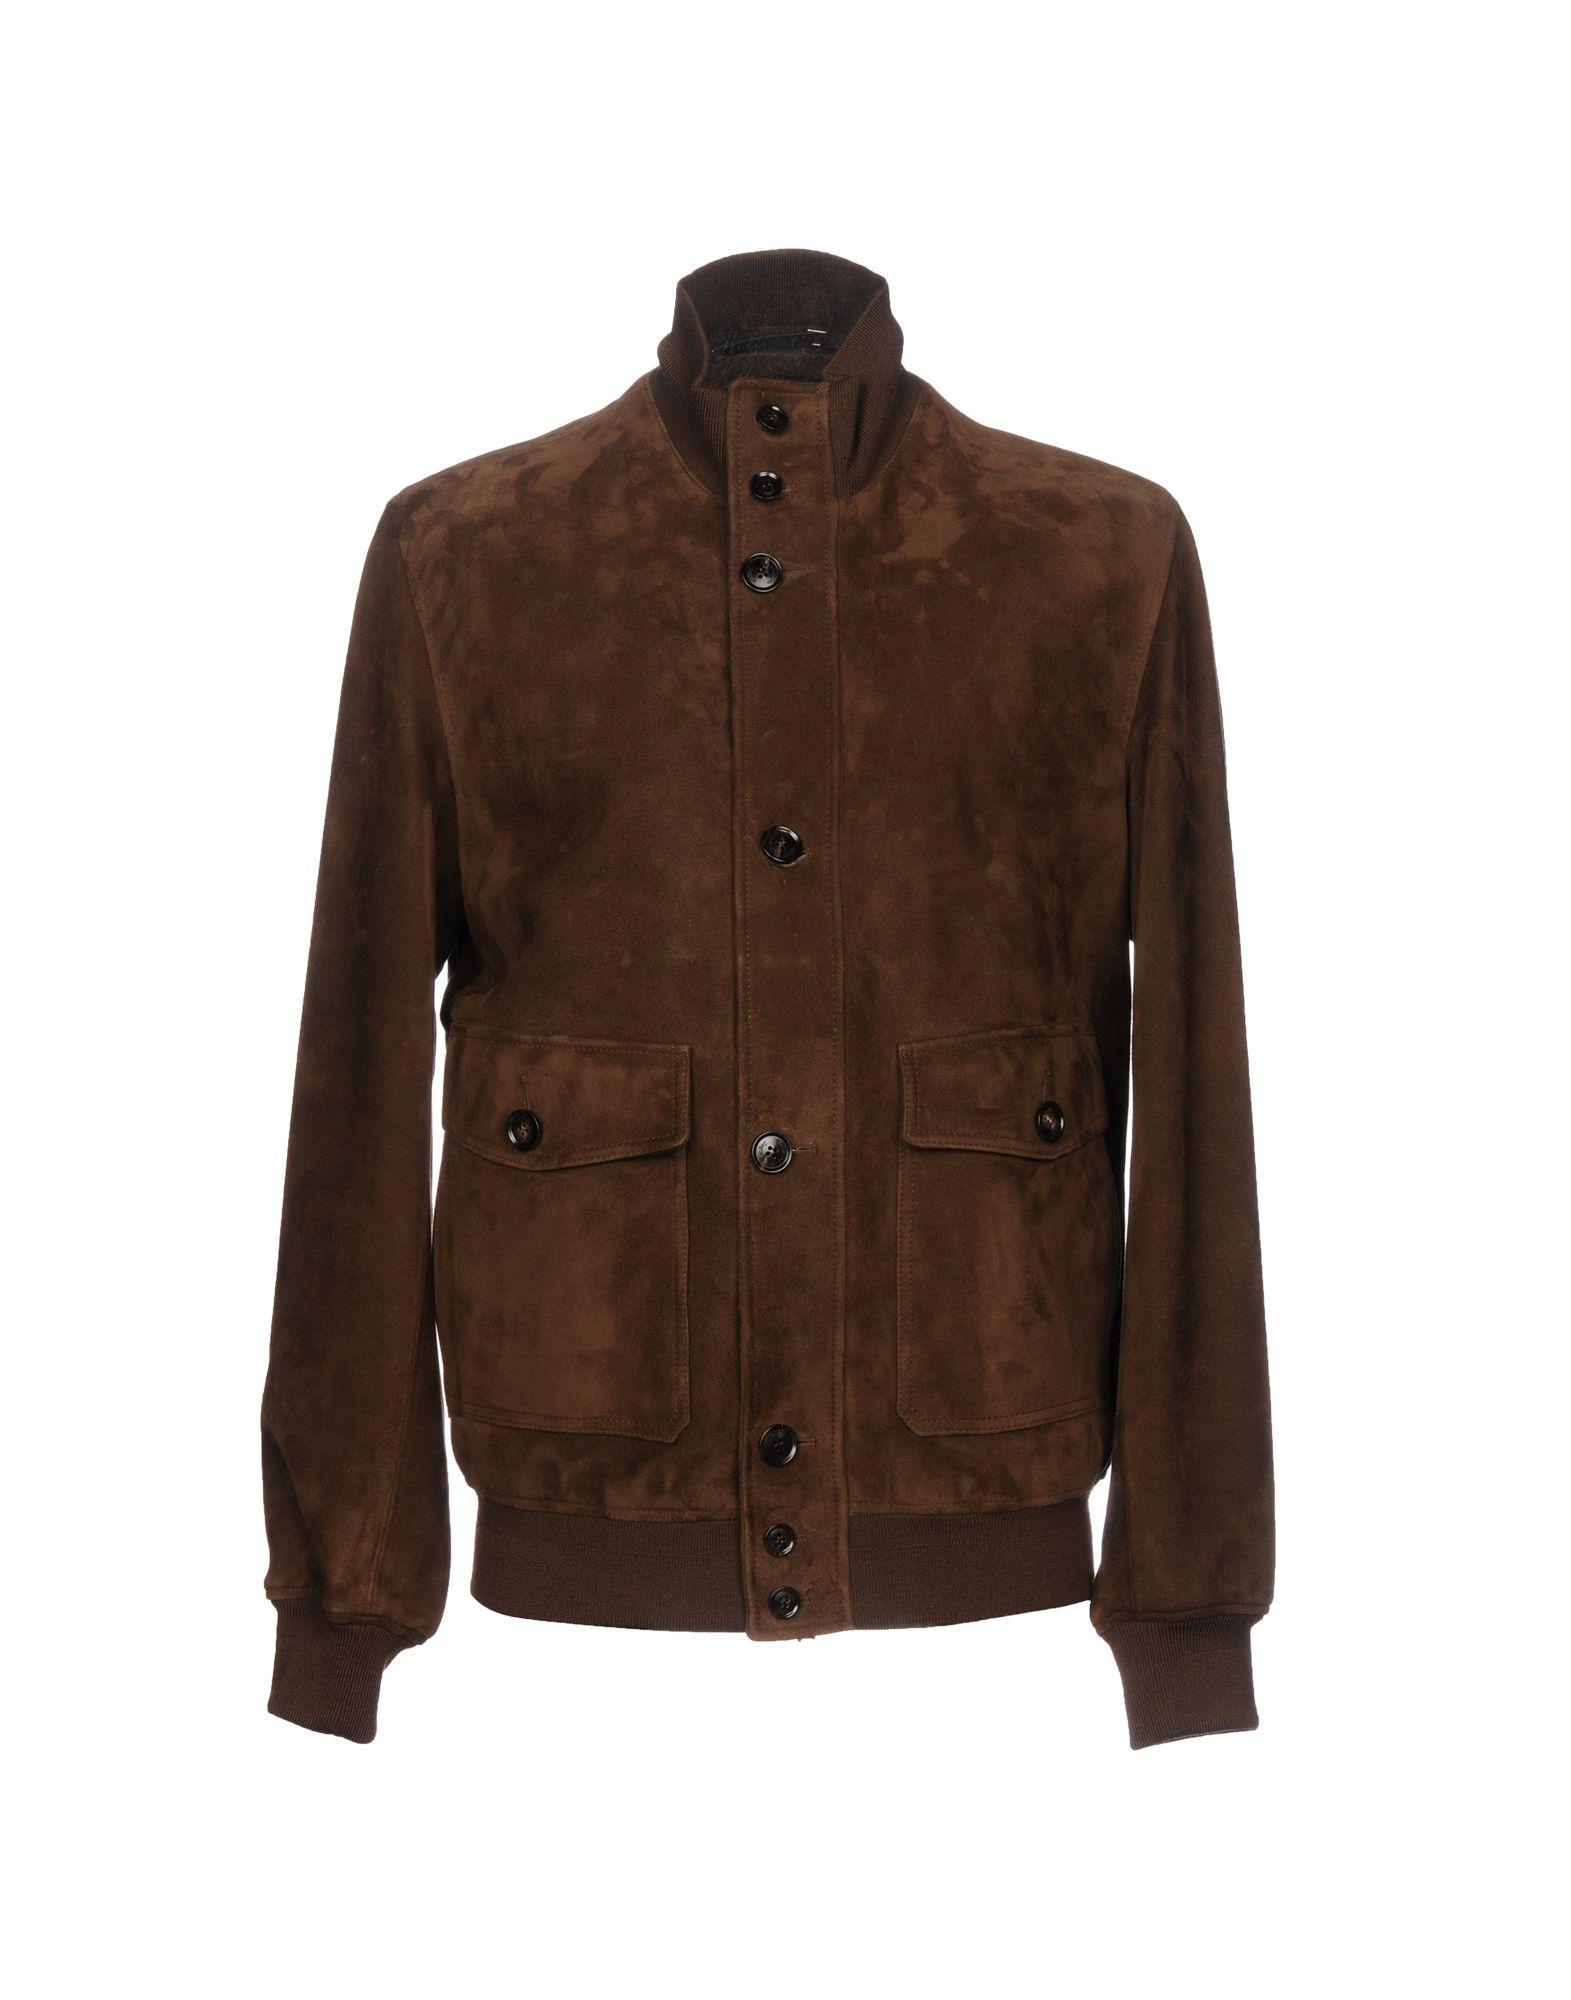 Ermenegildo Zegna Jackets In Dark Brown